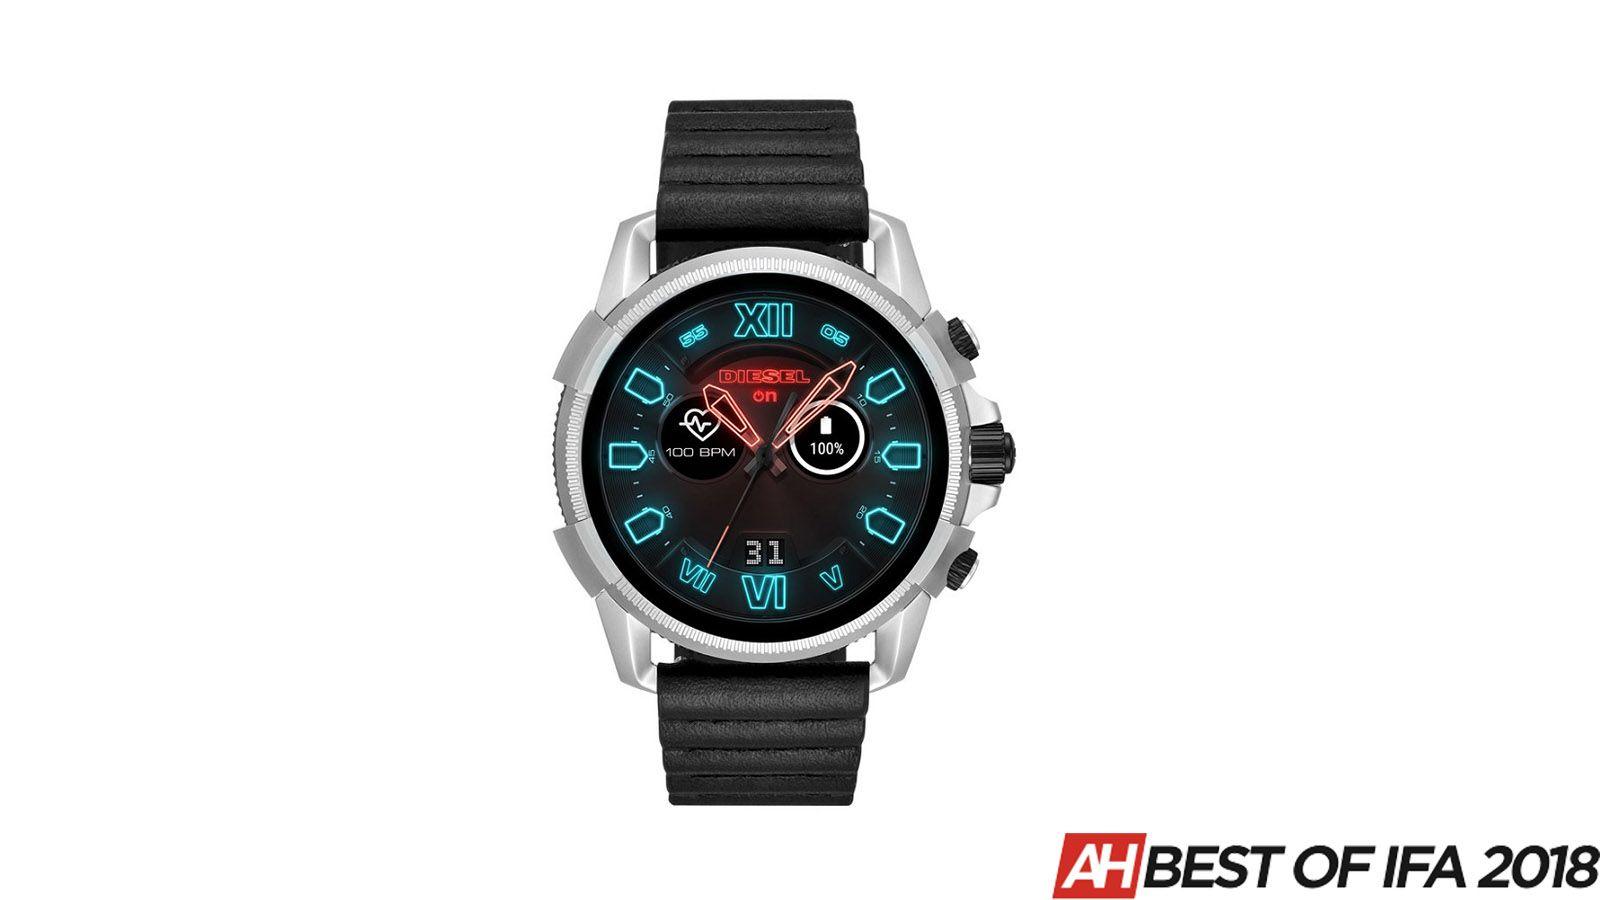 Best Of Ifa 2018 Diesel Full Guard 2 5 Wear Os Smartwatch Smart Watch Diesel Best